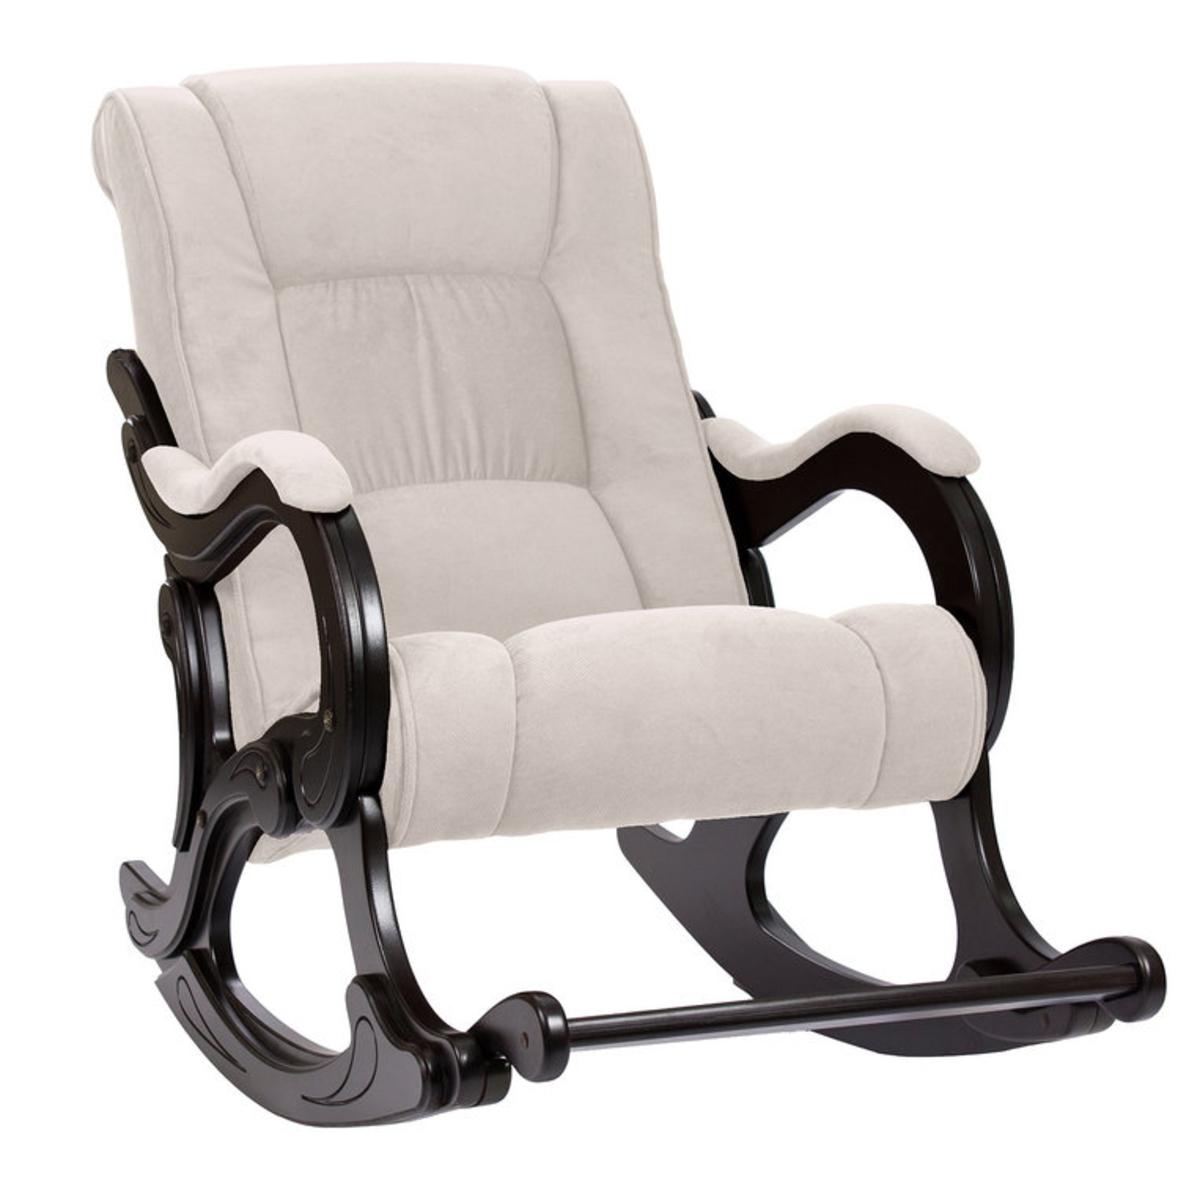 Кресло-качалка, модель 77 IMP0003760 Кресло-качалка модель 77, (13558) фото